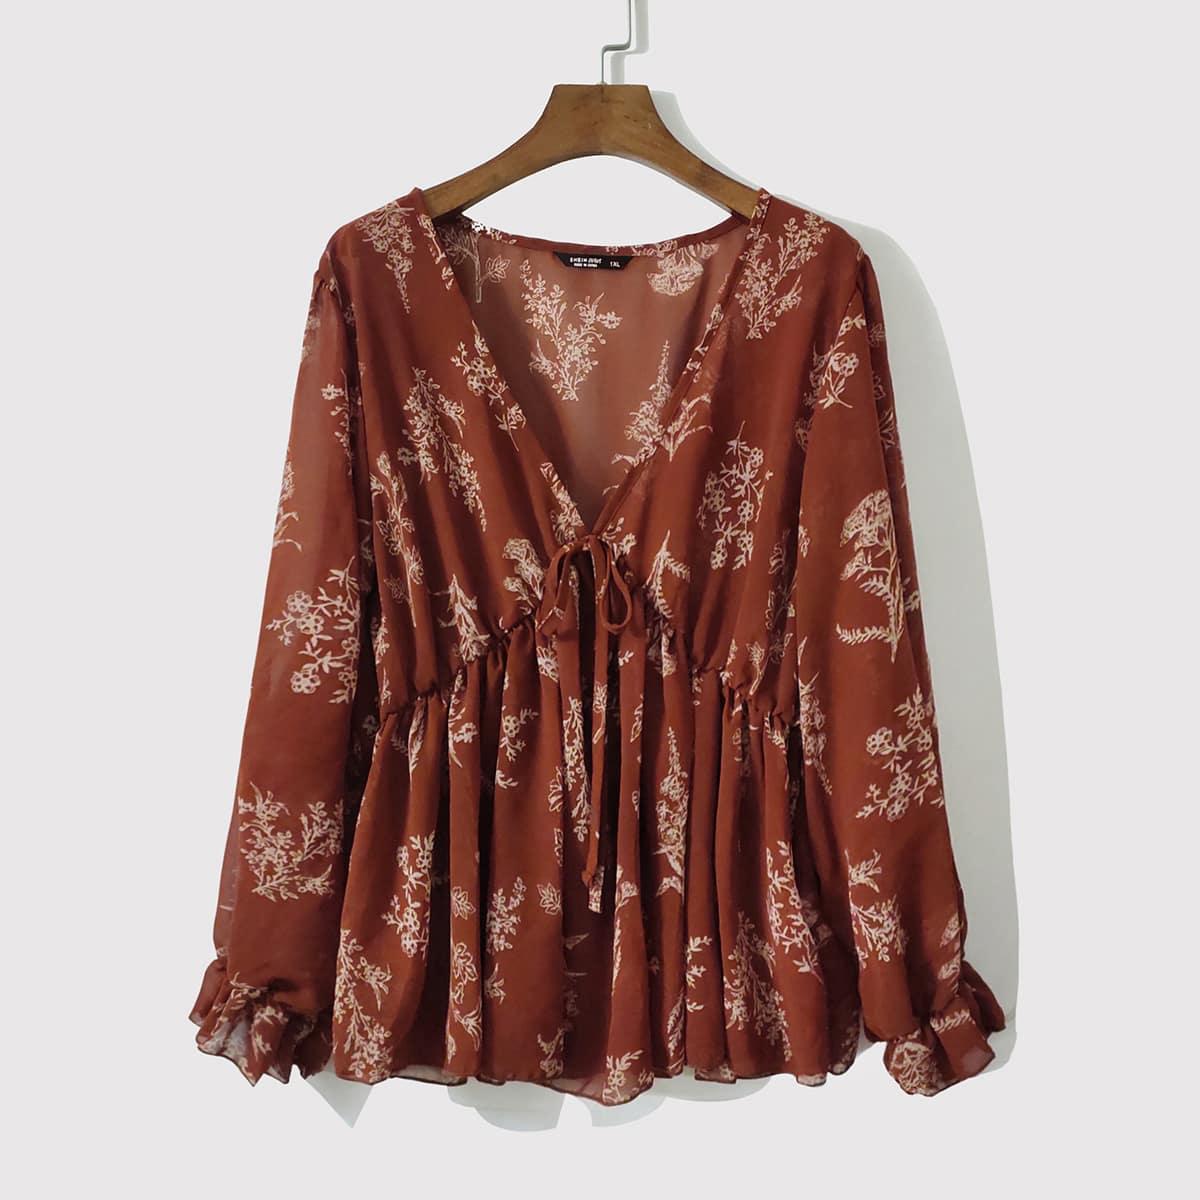 SHEIN / Bluse mit Knoten vorn, Pflanzen Muster und Schößchen